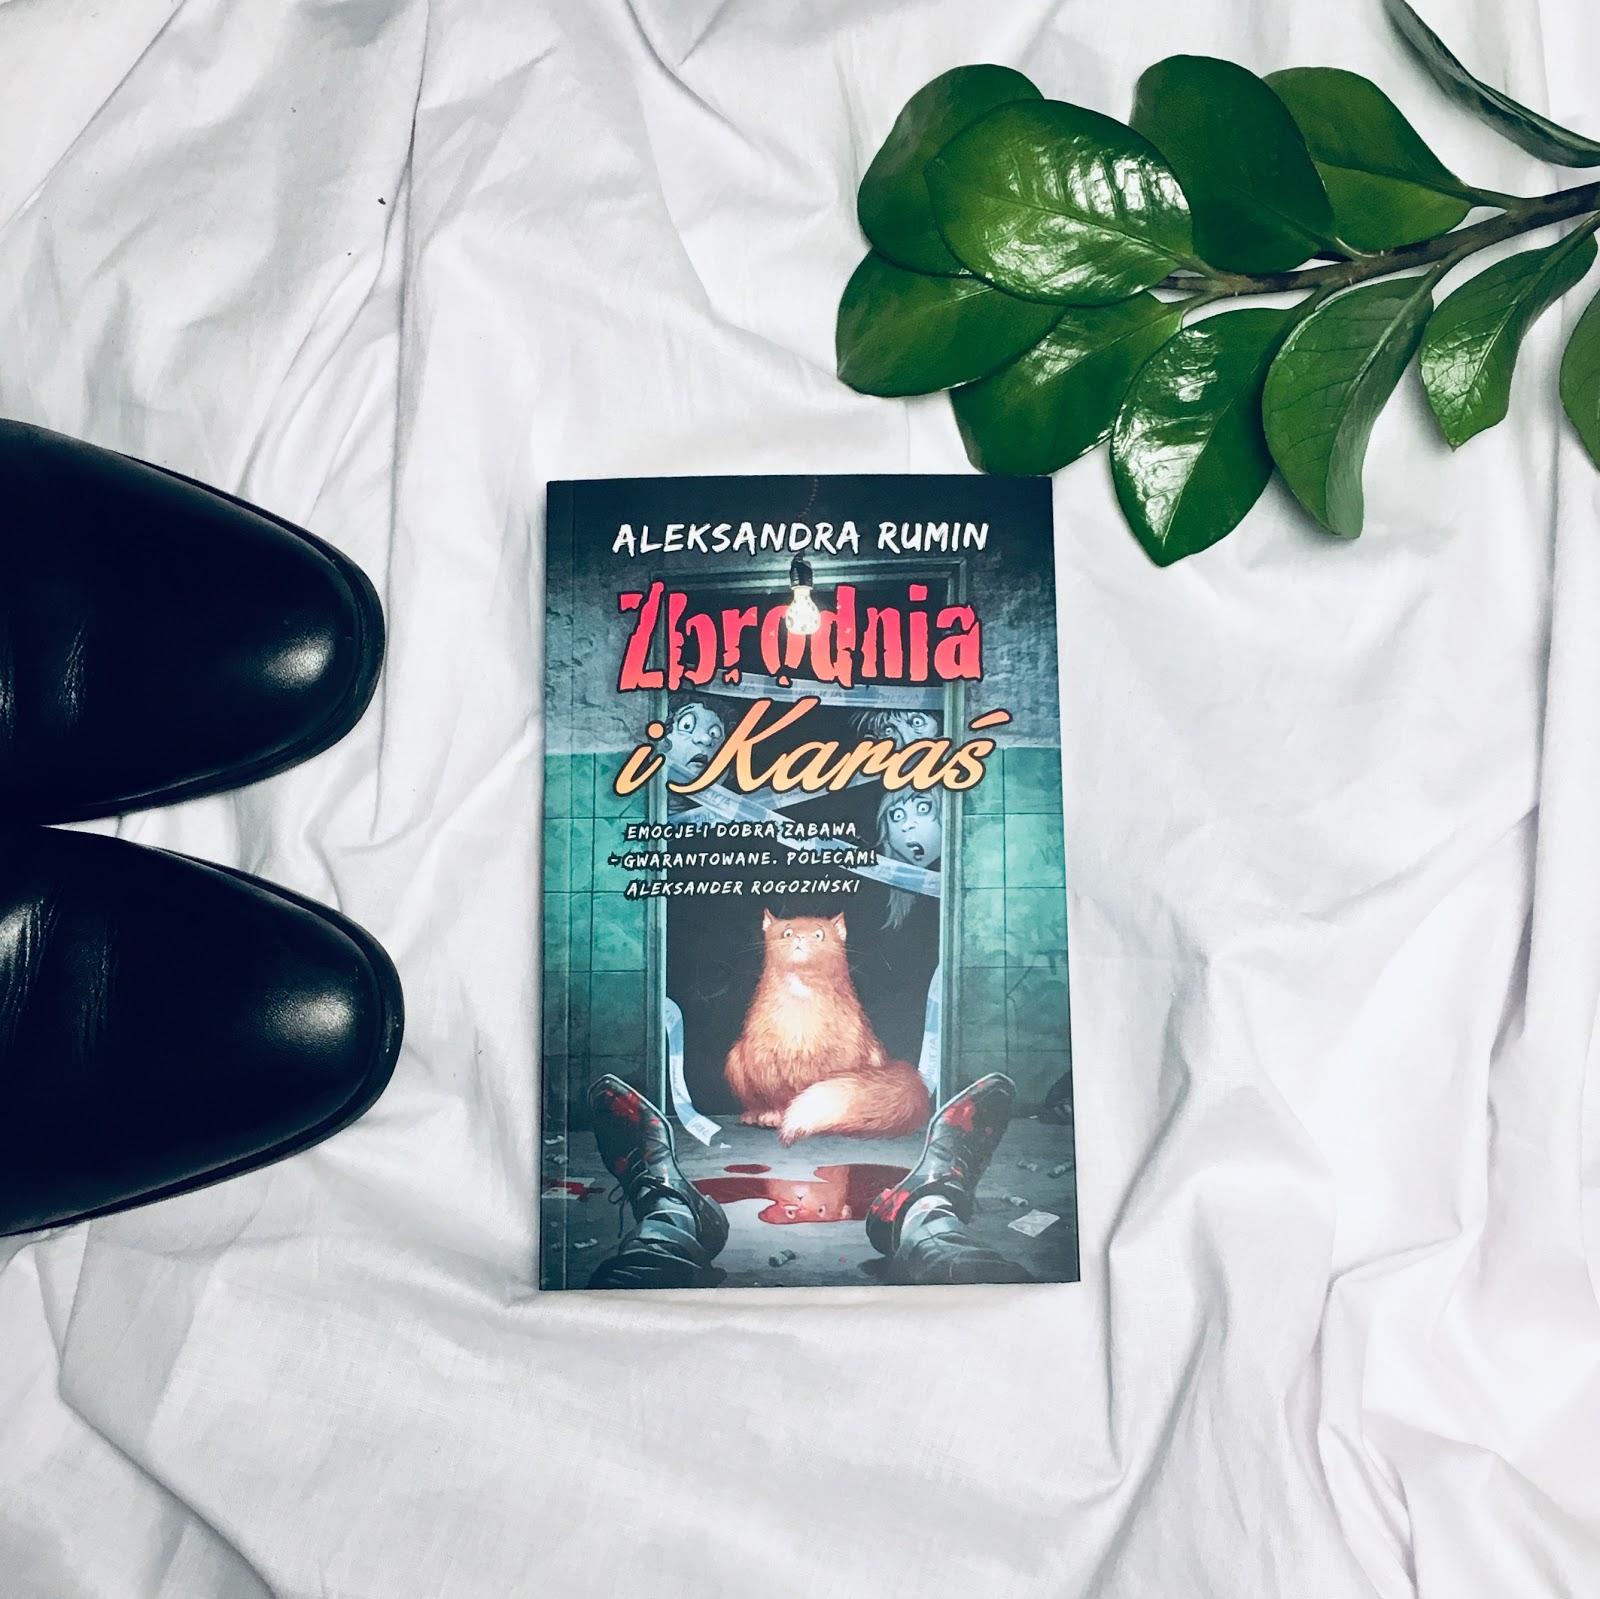 Zbrodnia i Karaś – Aleksandra Rumin. Zapowiedź